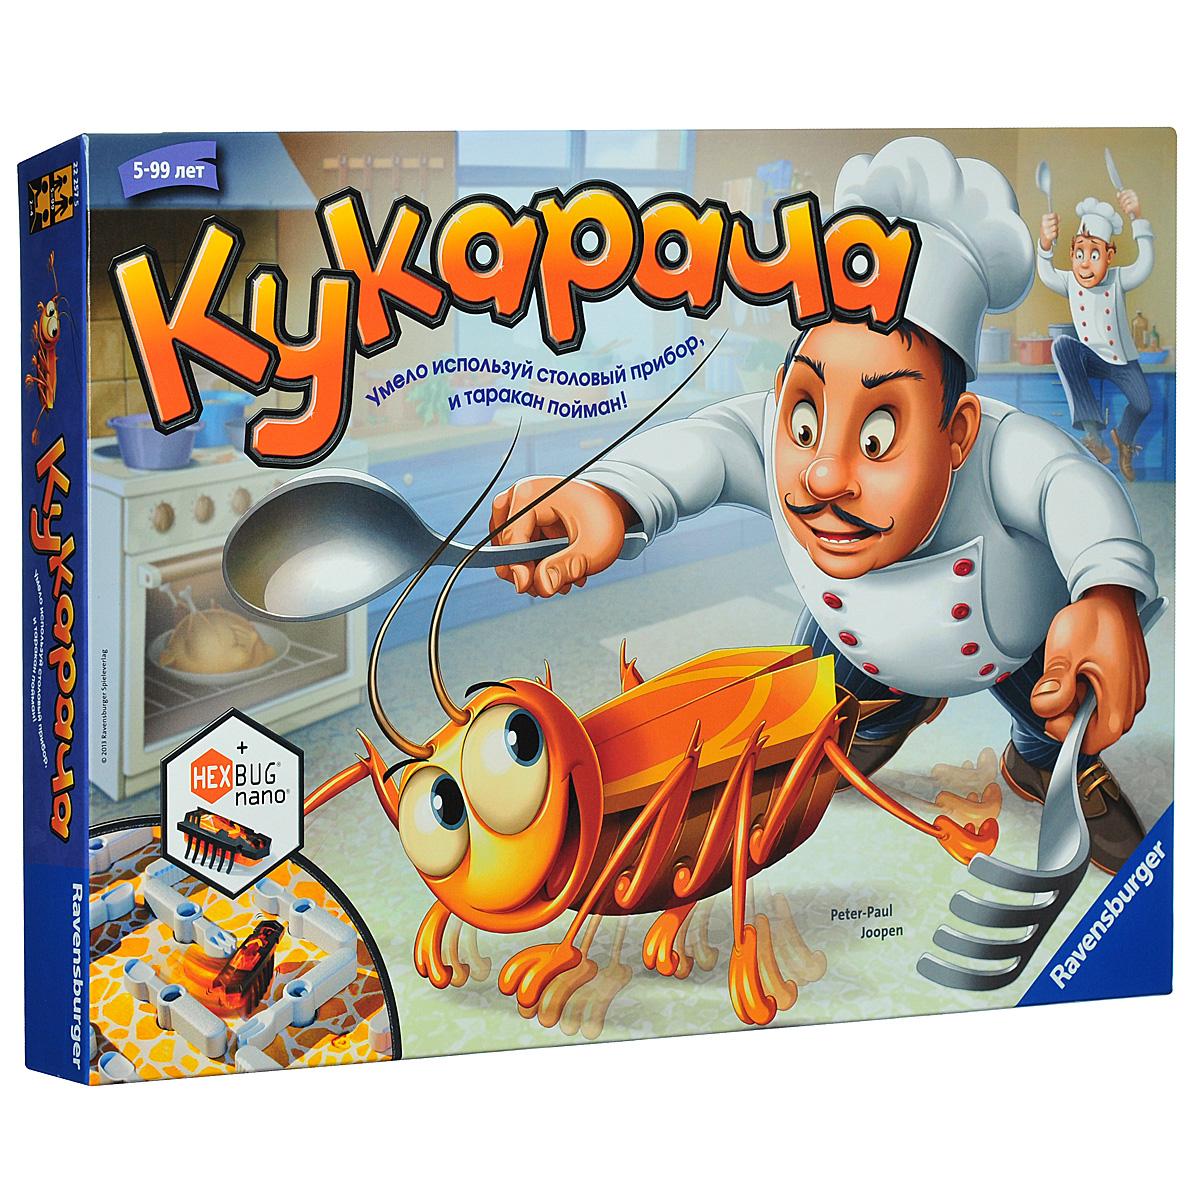 Ravensburger Настольная игра Кукарача22257Динамичная игра с нано тараканом. В этой игре необходимо поймать таракана на кухне. Он будет лихо бегать по лабиринту из вилок, ножей и ложек. Крути вилки, ложки и ножи, загоняй таракана в свой угол!